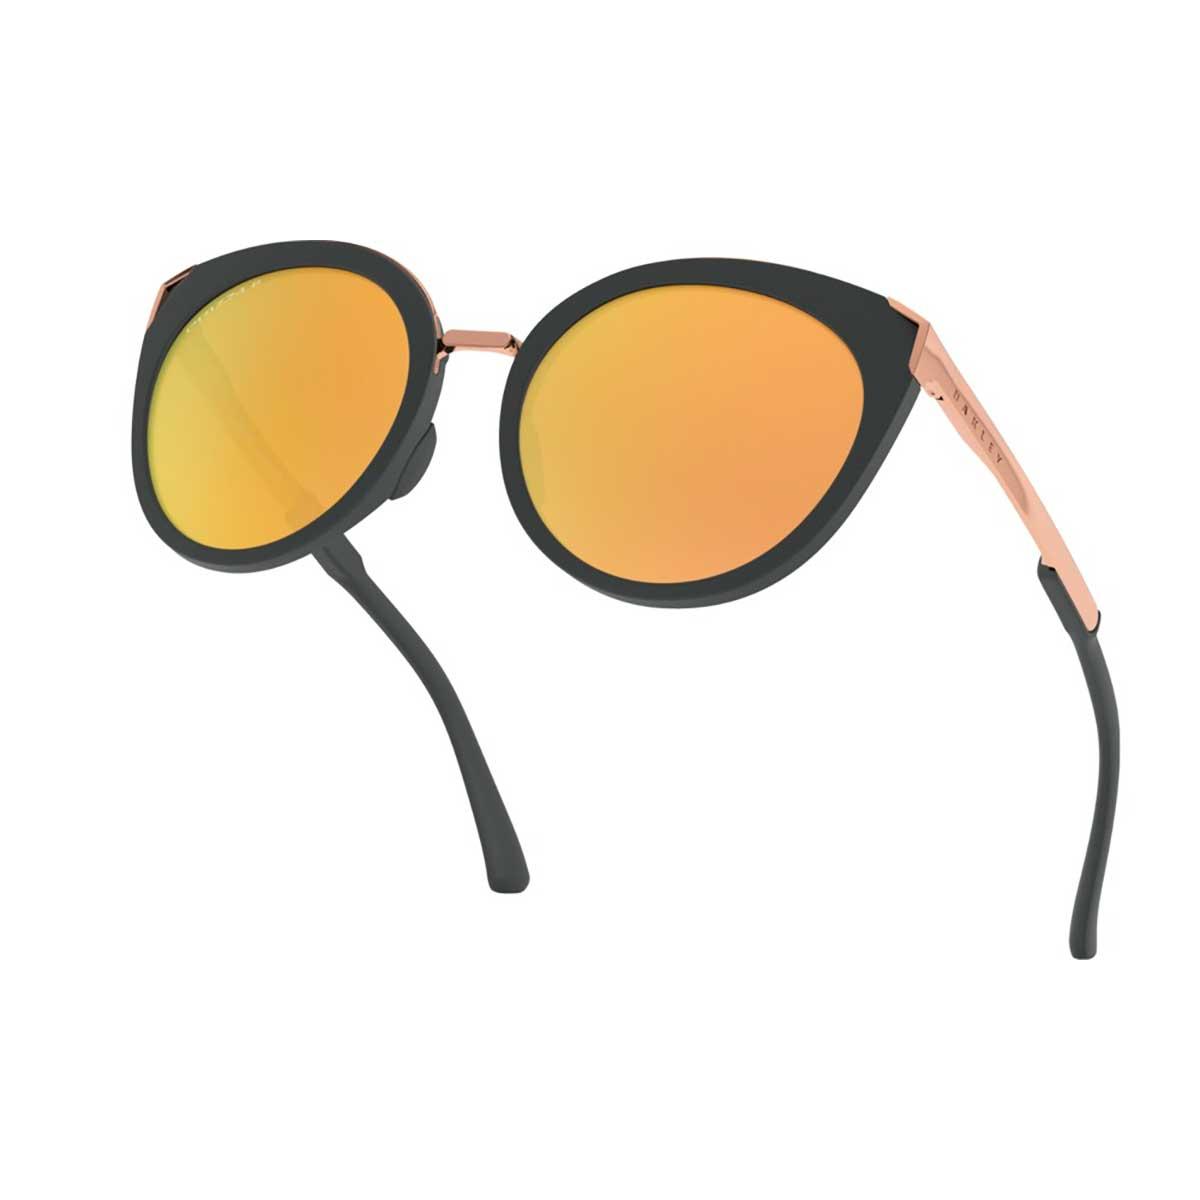 Óculos Oakley Feminino Top Knot - Casual